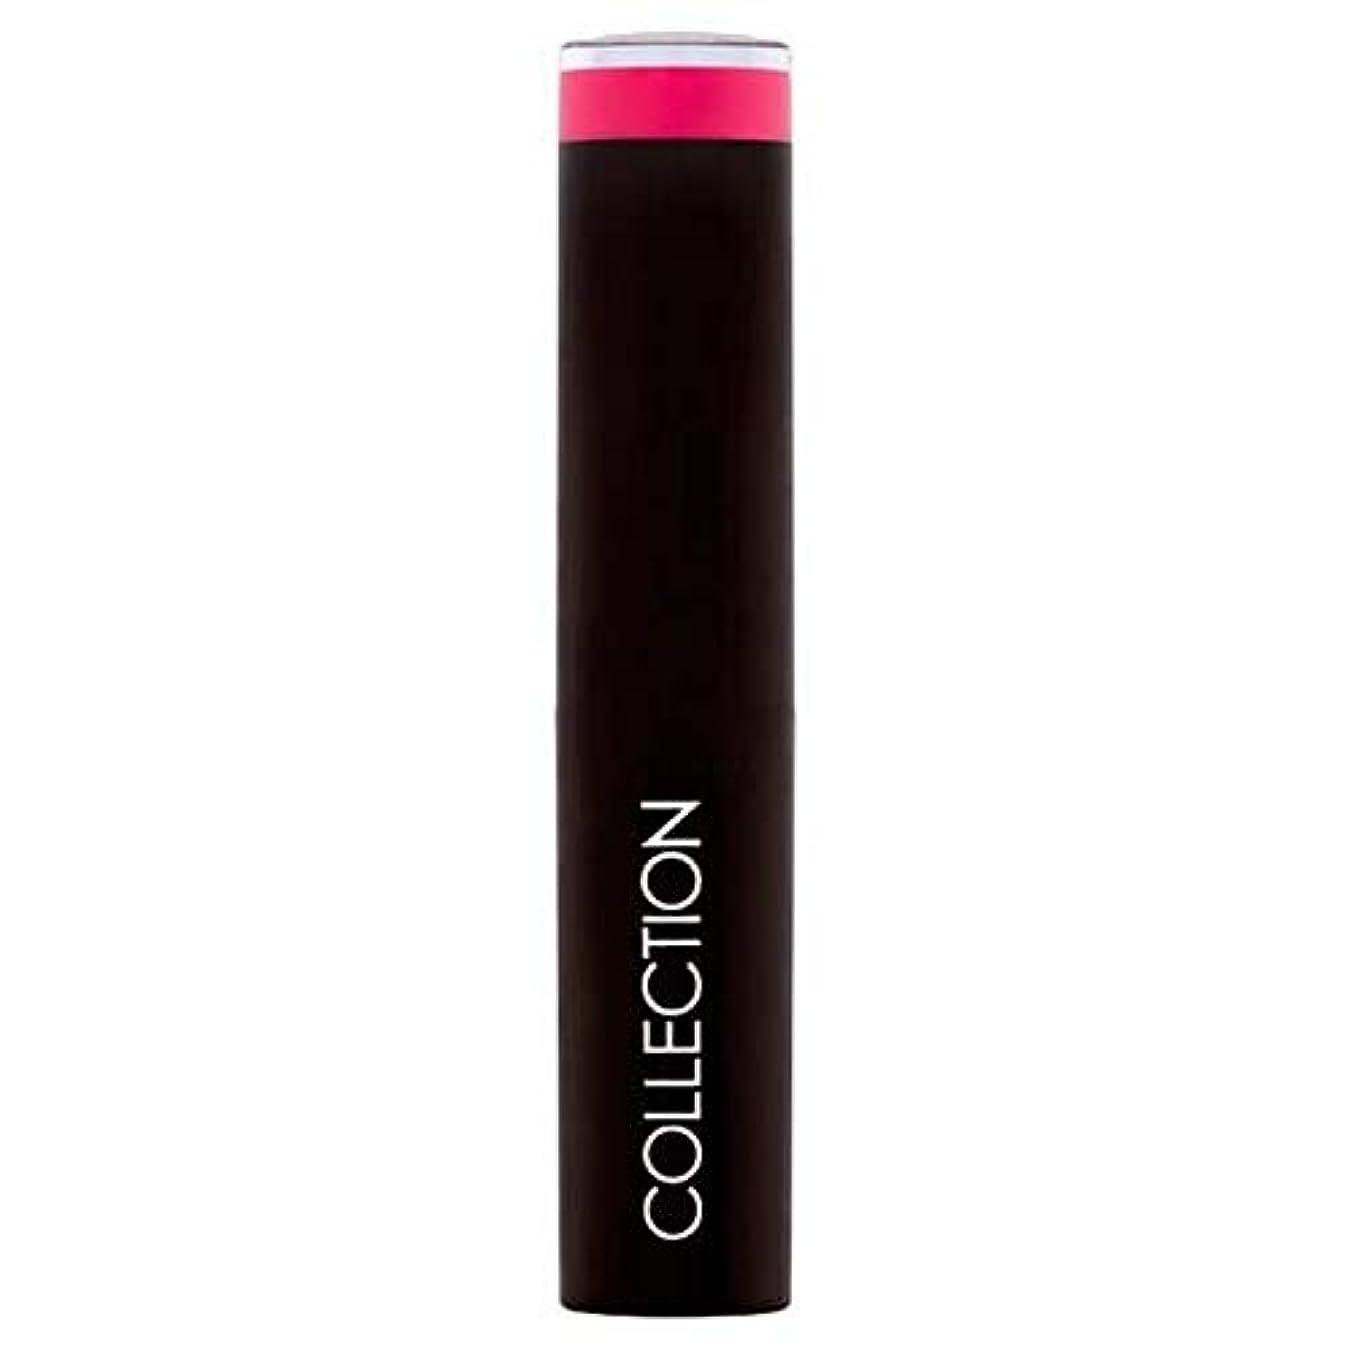 入る一時解雇する寛容な[Collection ] コレクション強烈な輝きゲル口紅ピニャータピンク5 - Collection Intense Shine Gel Lipstick Pinata Pink 5 [並行輸入品]